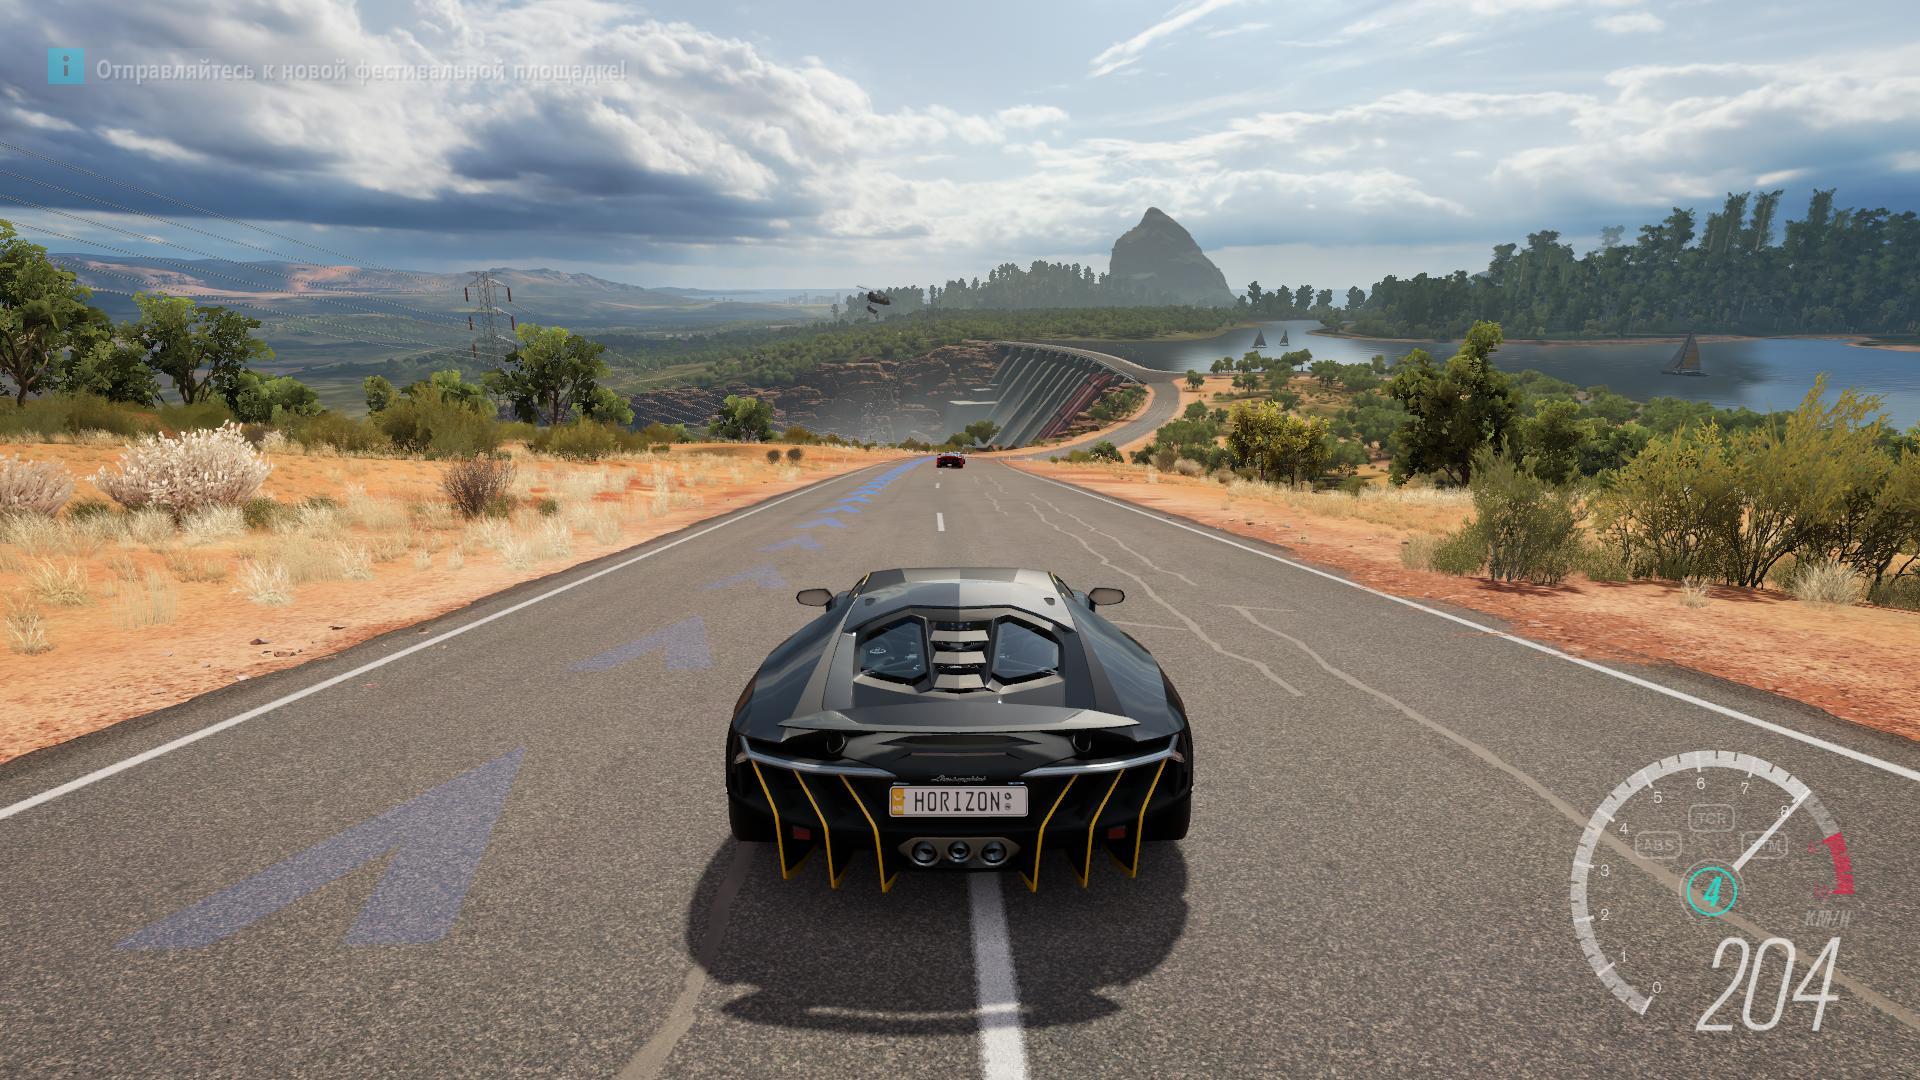 Мои первые впечатления от Demo Forza Horizon 3 - Изображение 2